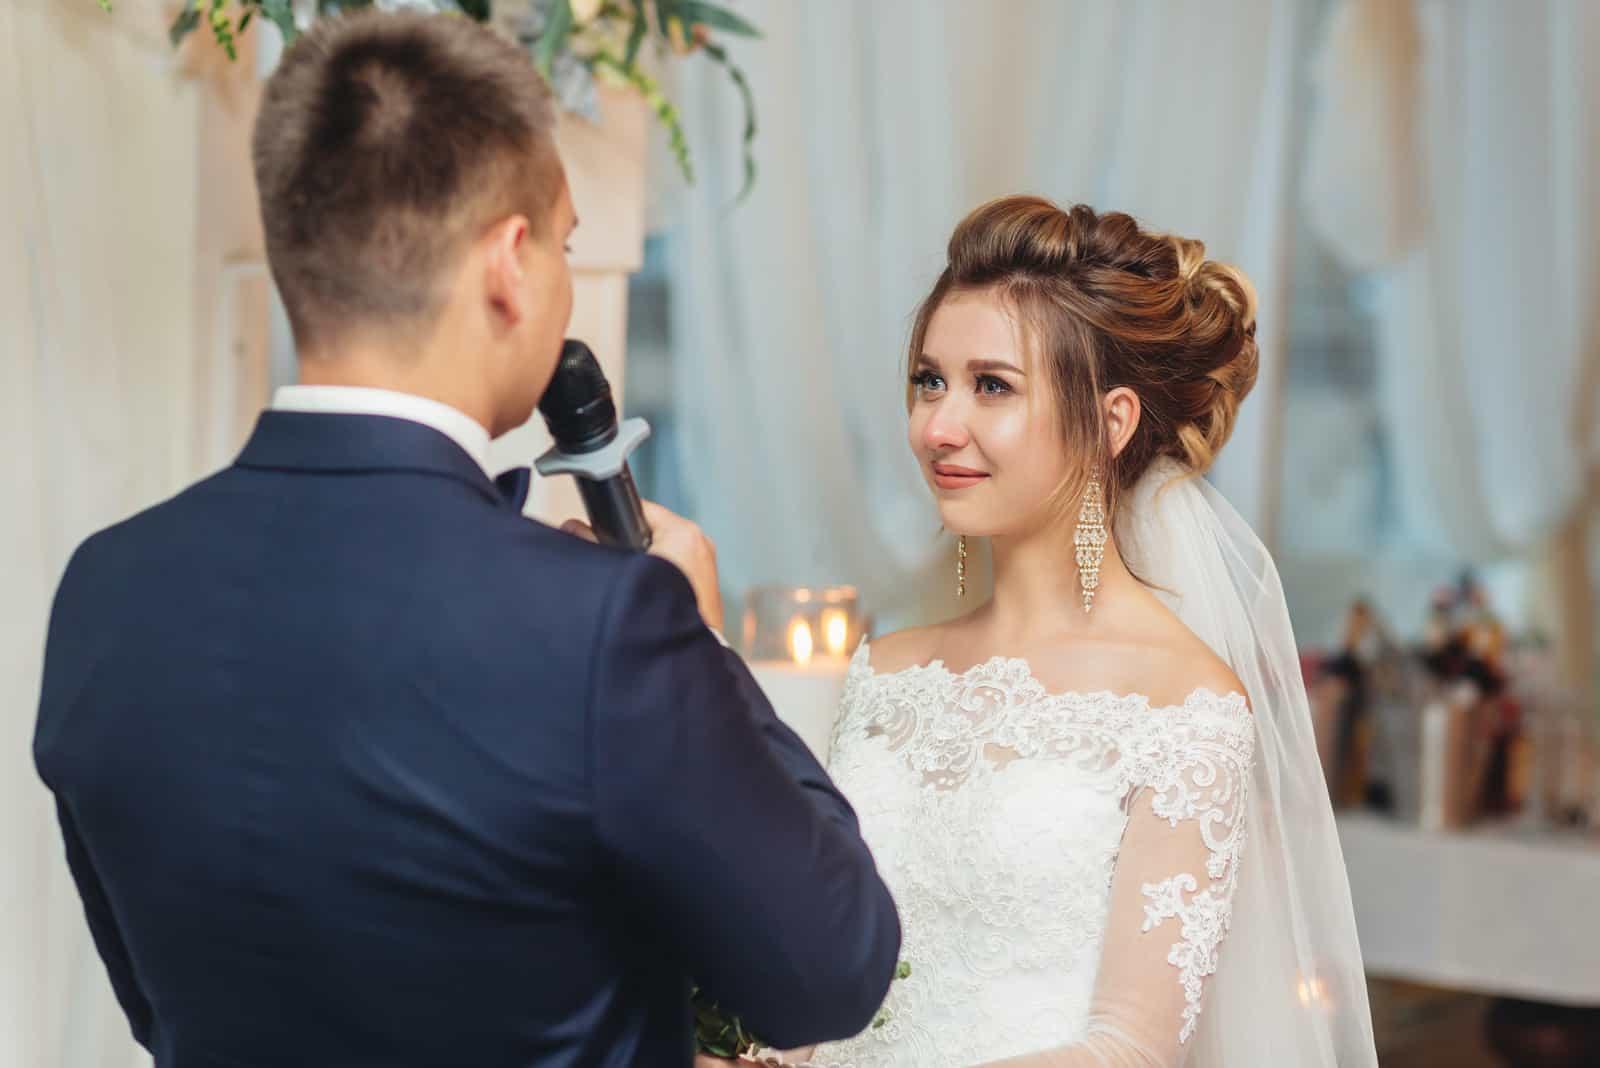 Bräutigam hält Mikrofon sprechende Sprache